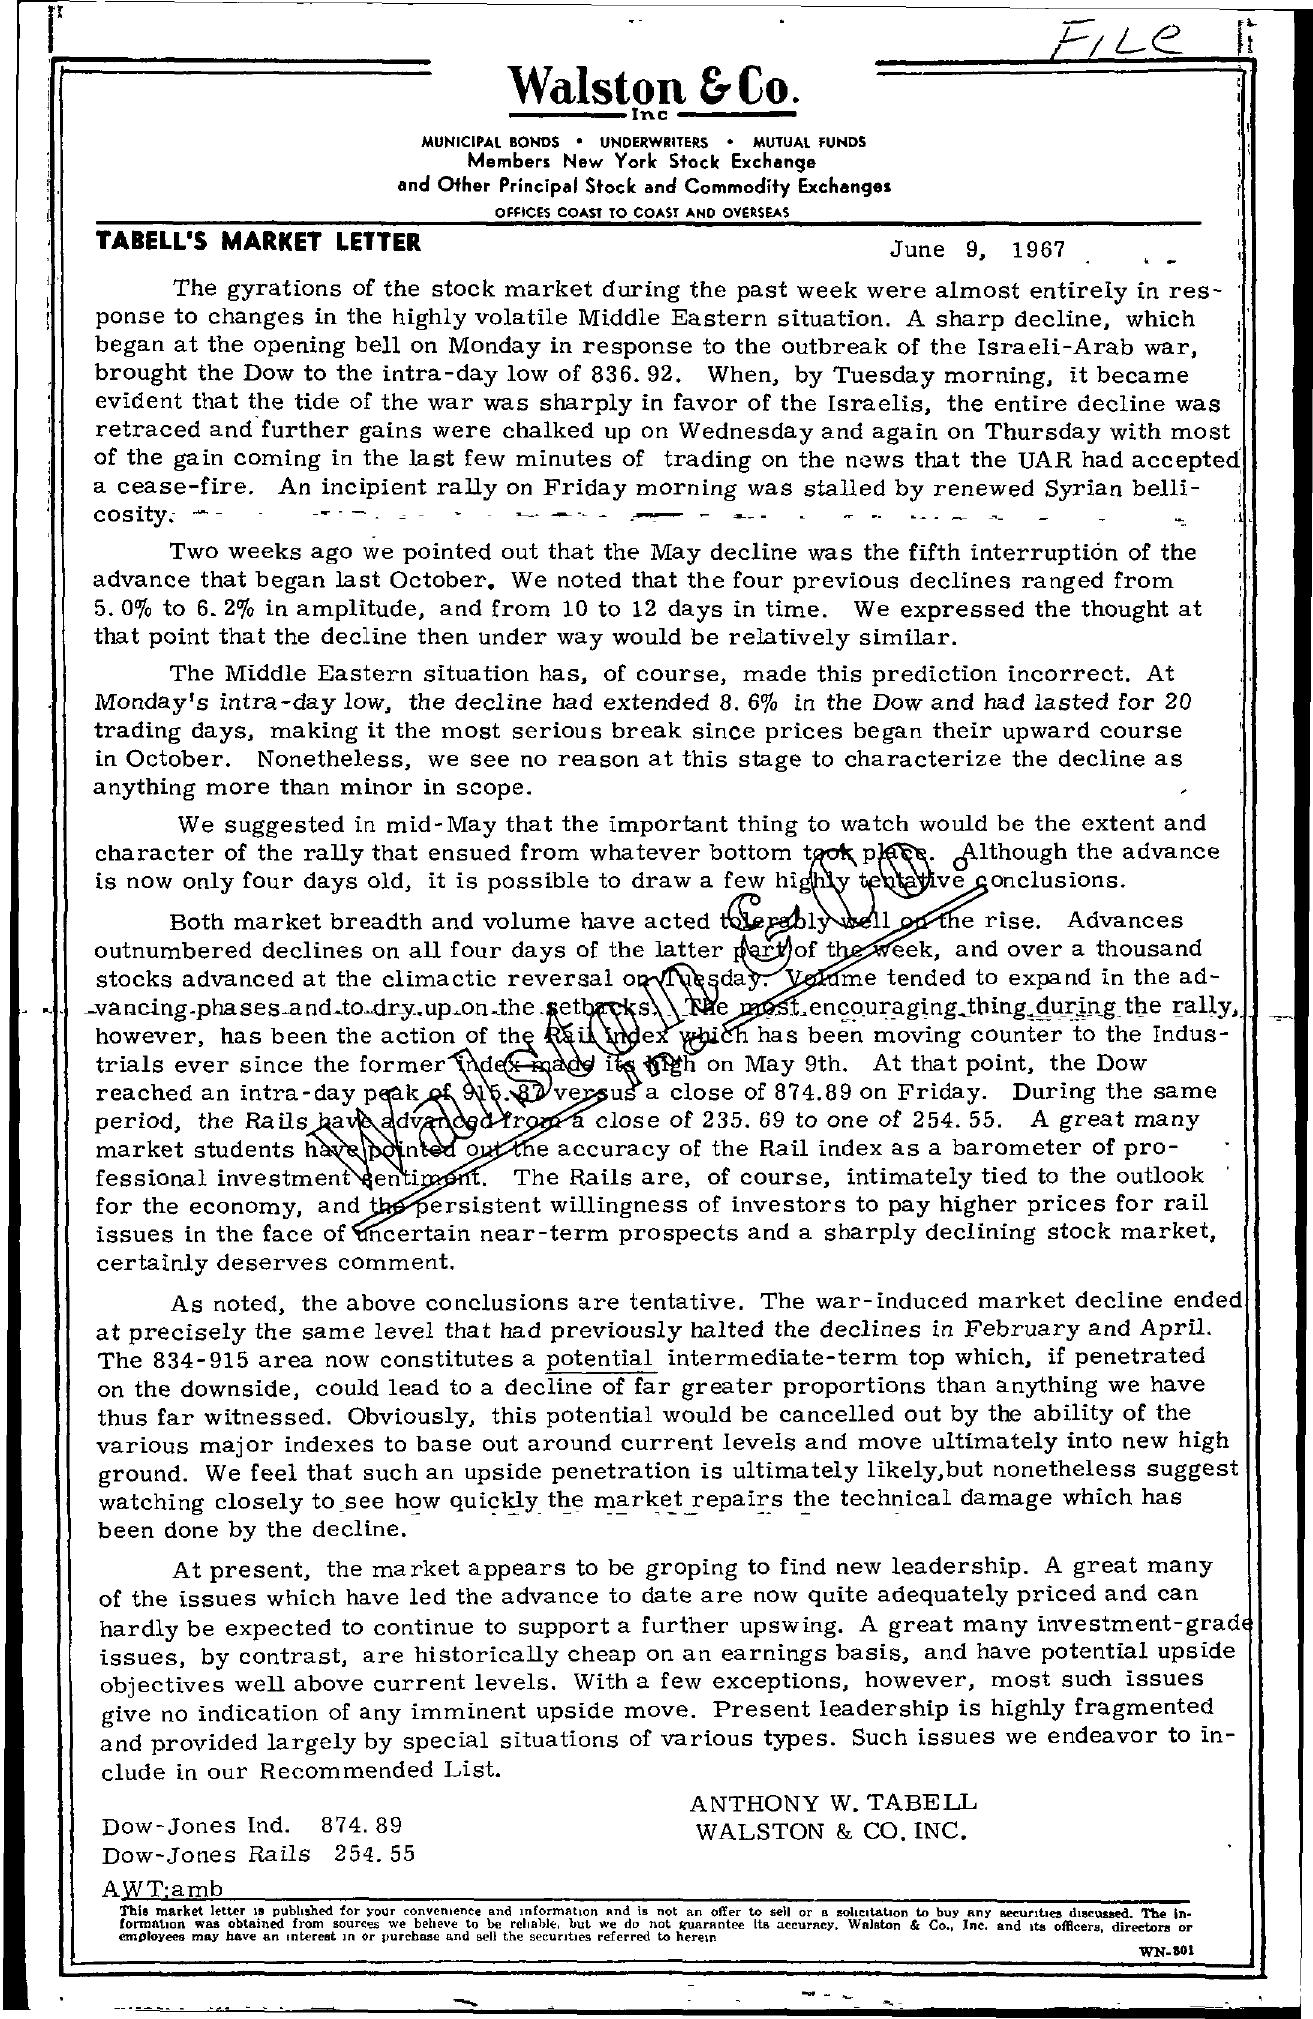 Tabell's Market Letter - June 09, 1967